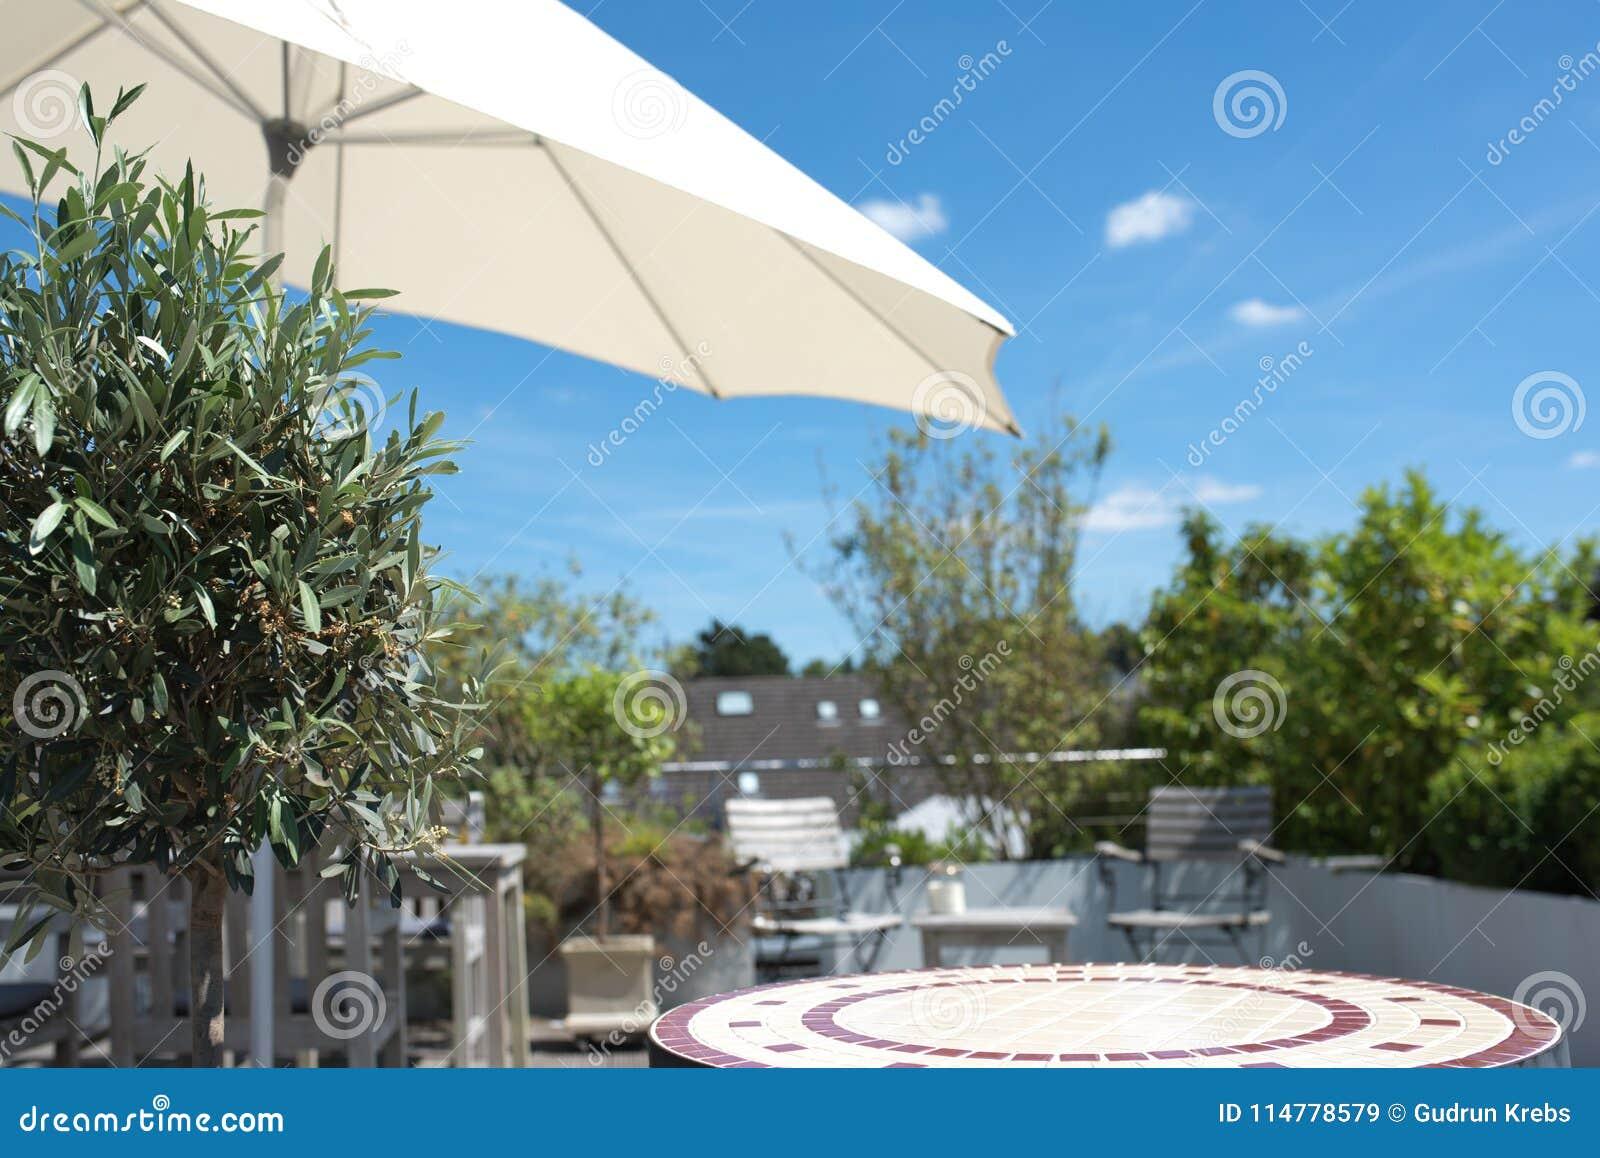 Verano En Una Terraza Del Sol Imagen De Archivo Imagen De